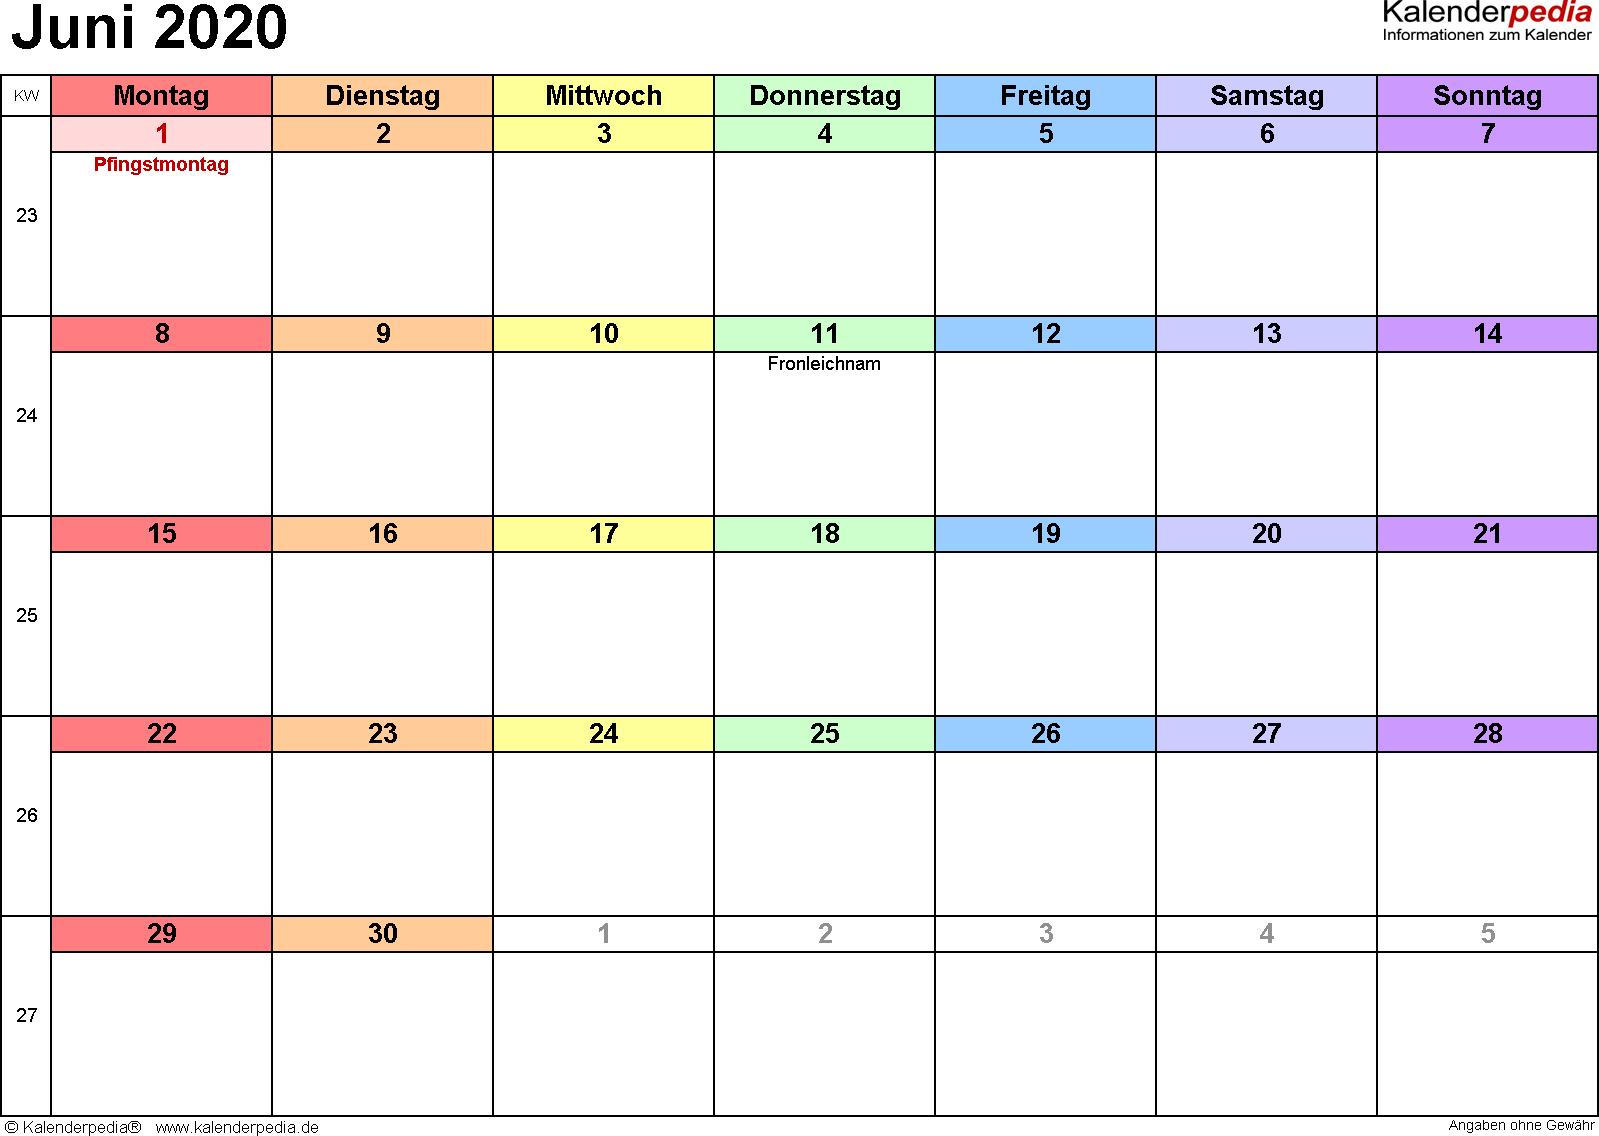 Kalender Juni 2020 (Querformat) als PDF-Vorlage